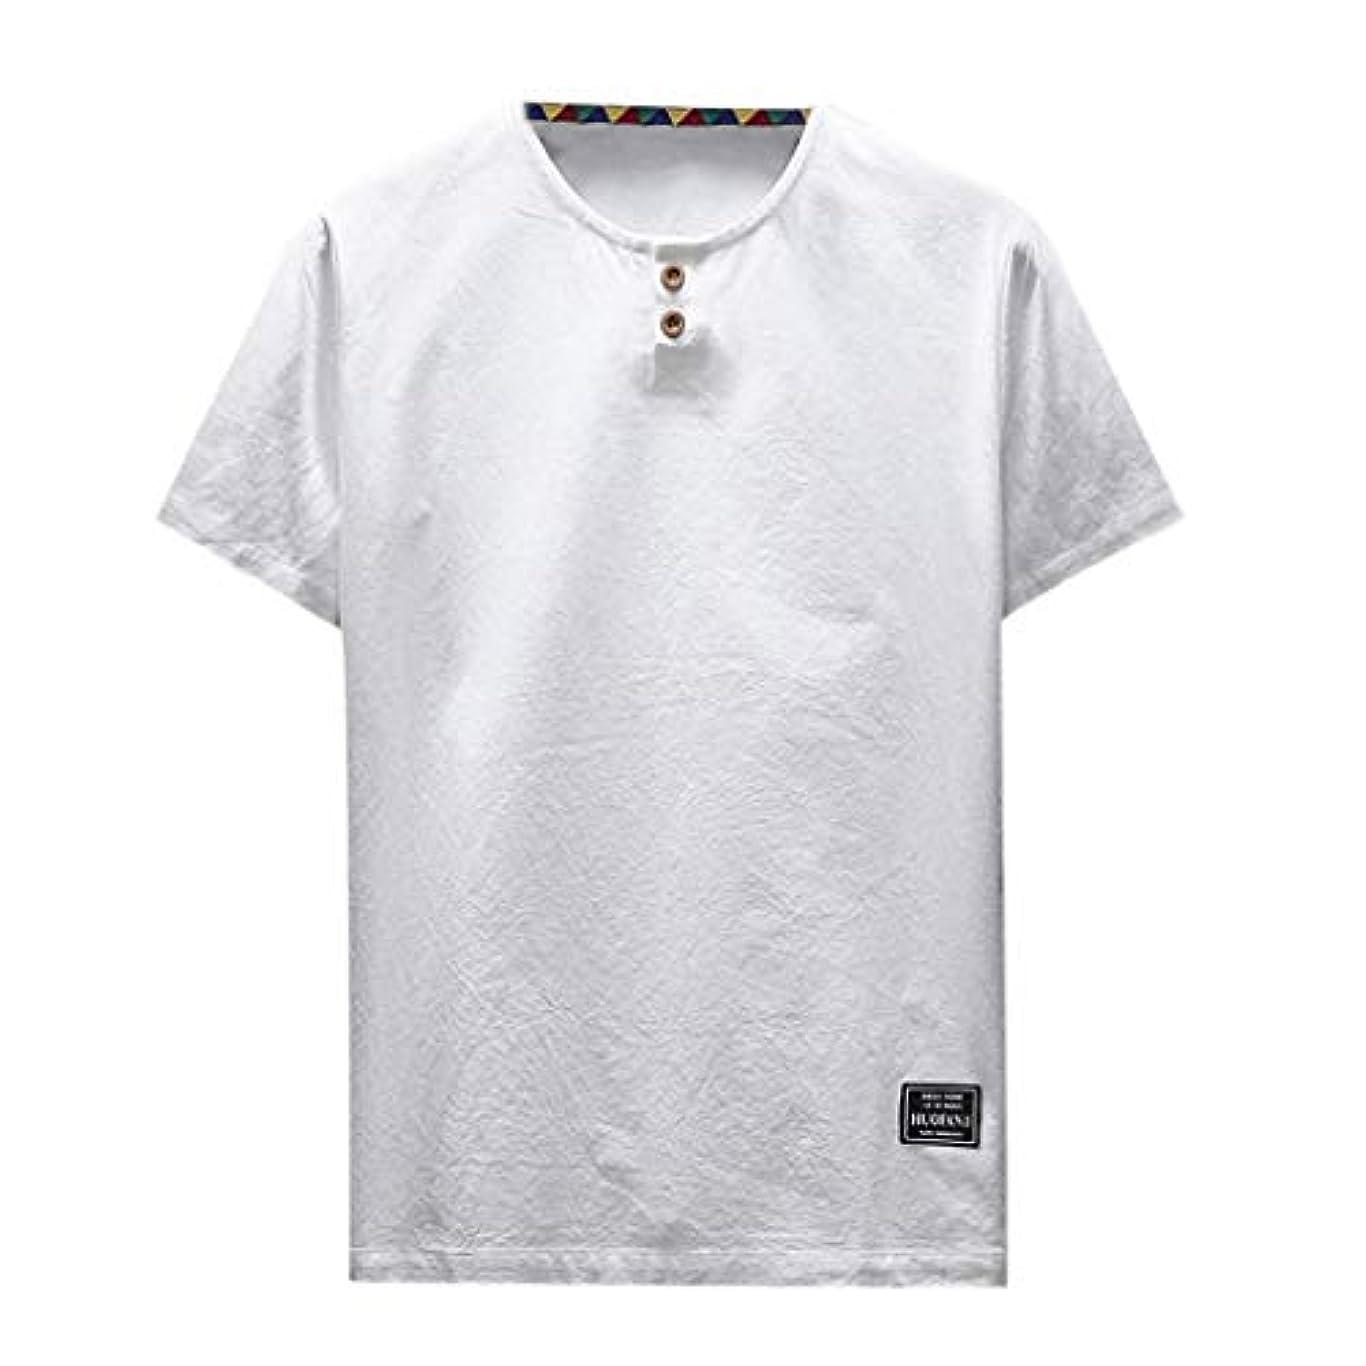 部分的に一晩ペットOD企画 Tシャツ メンズ 半袖 シャツ メンズ tシャツ メンズ おおきいサイズ 日系 綿麻 丸首 半袖シャツ シャツ 半袖 ブラウス トップス ゆるtシャツ 春夏節対応 おしゃれ ゆったり カットソー ファッション 夏服